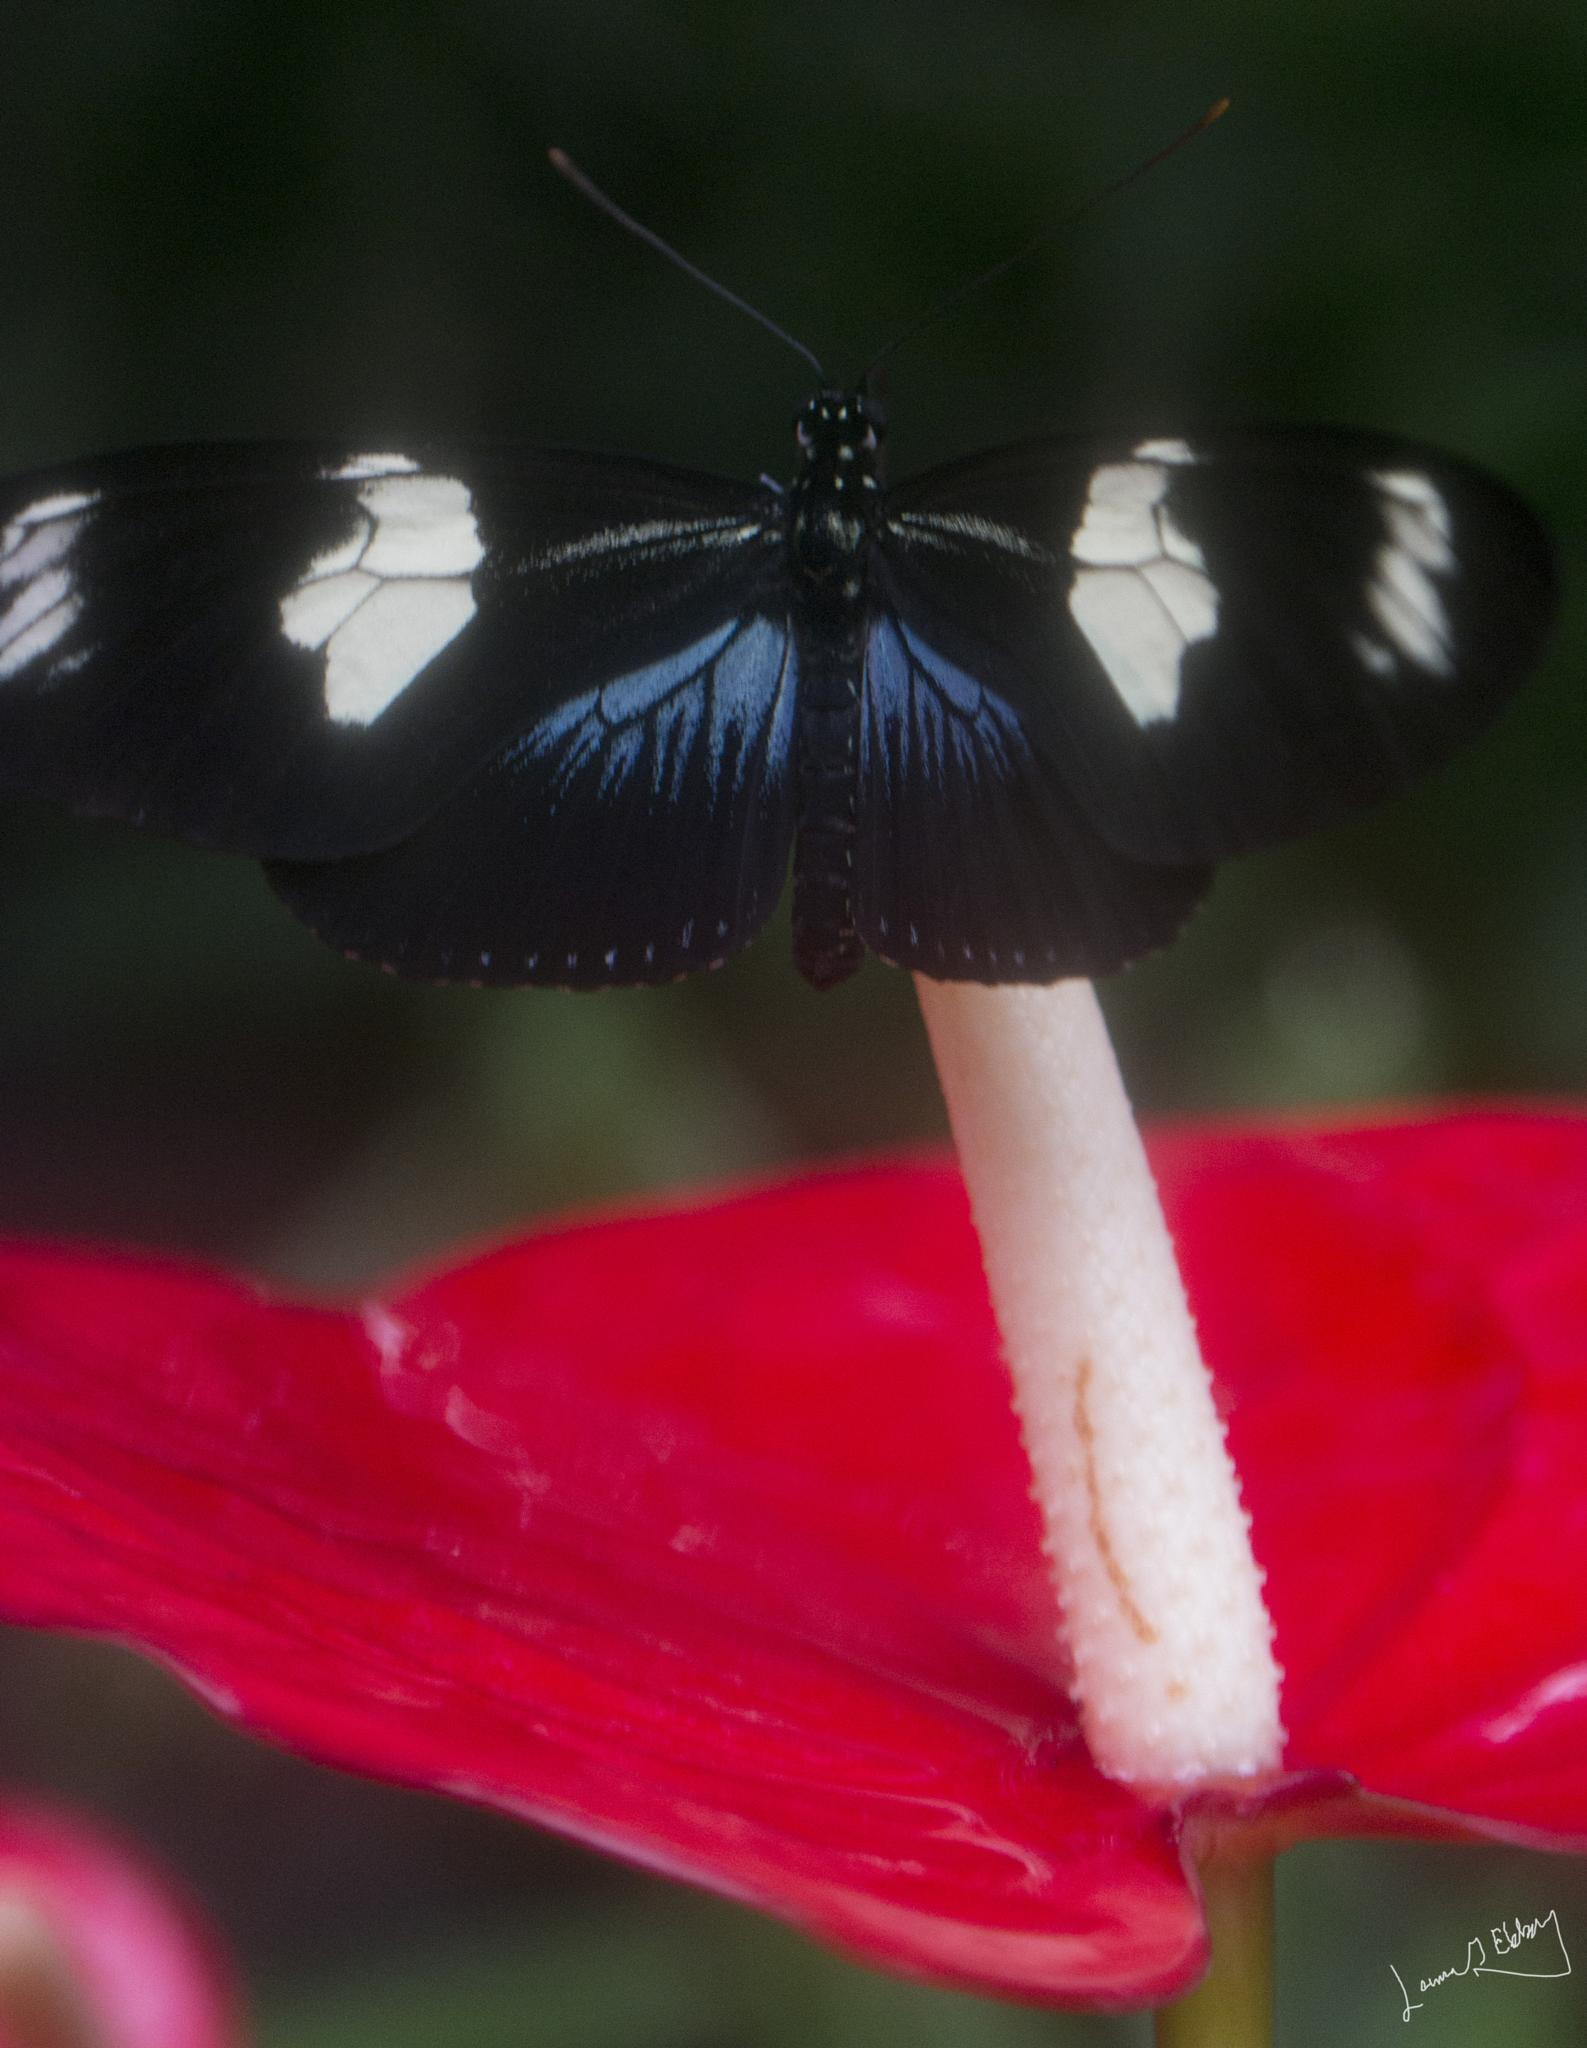 Lovely butterfly I by lennart.ekberg.90